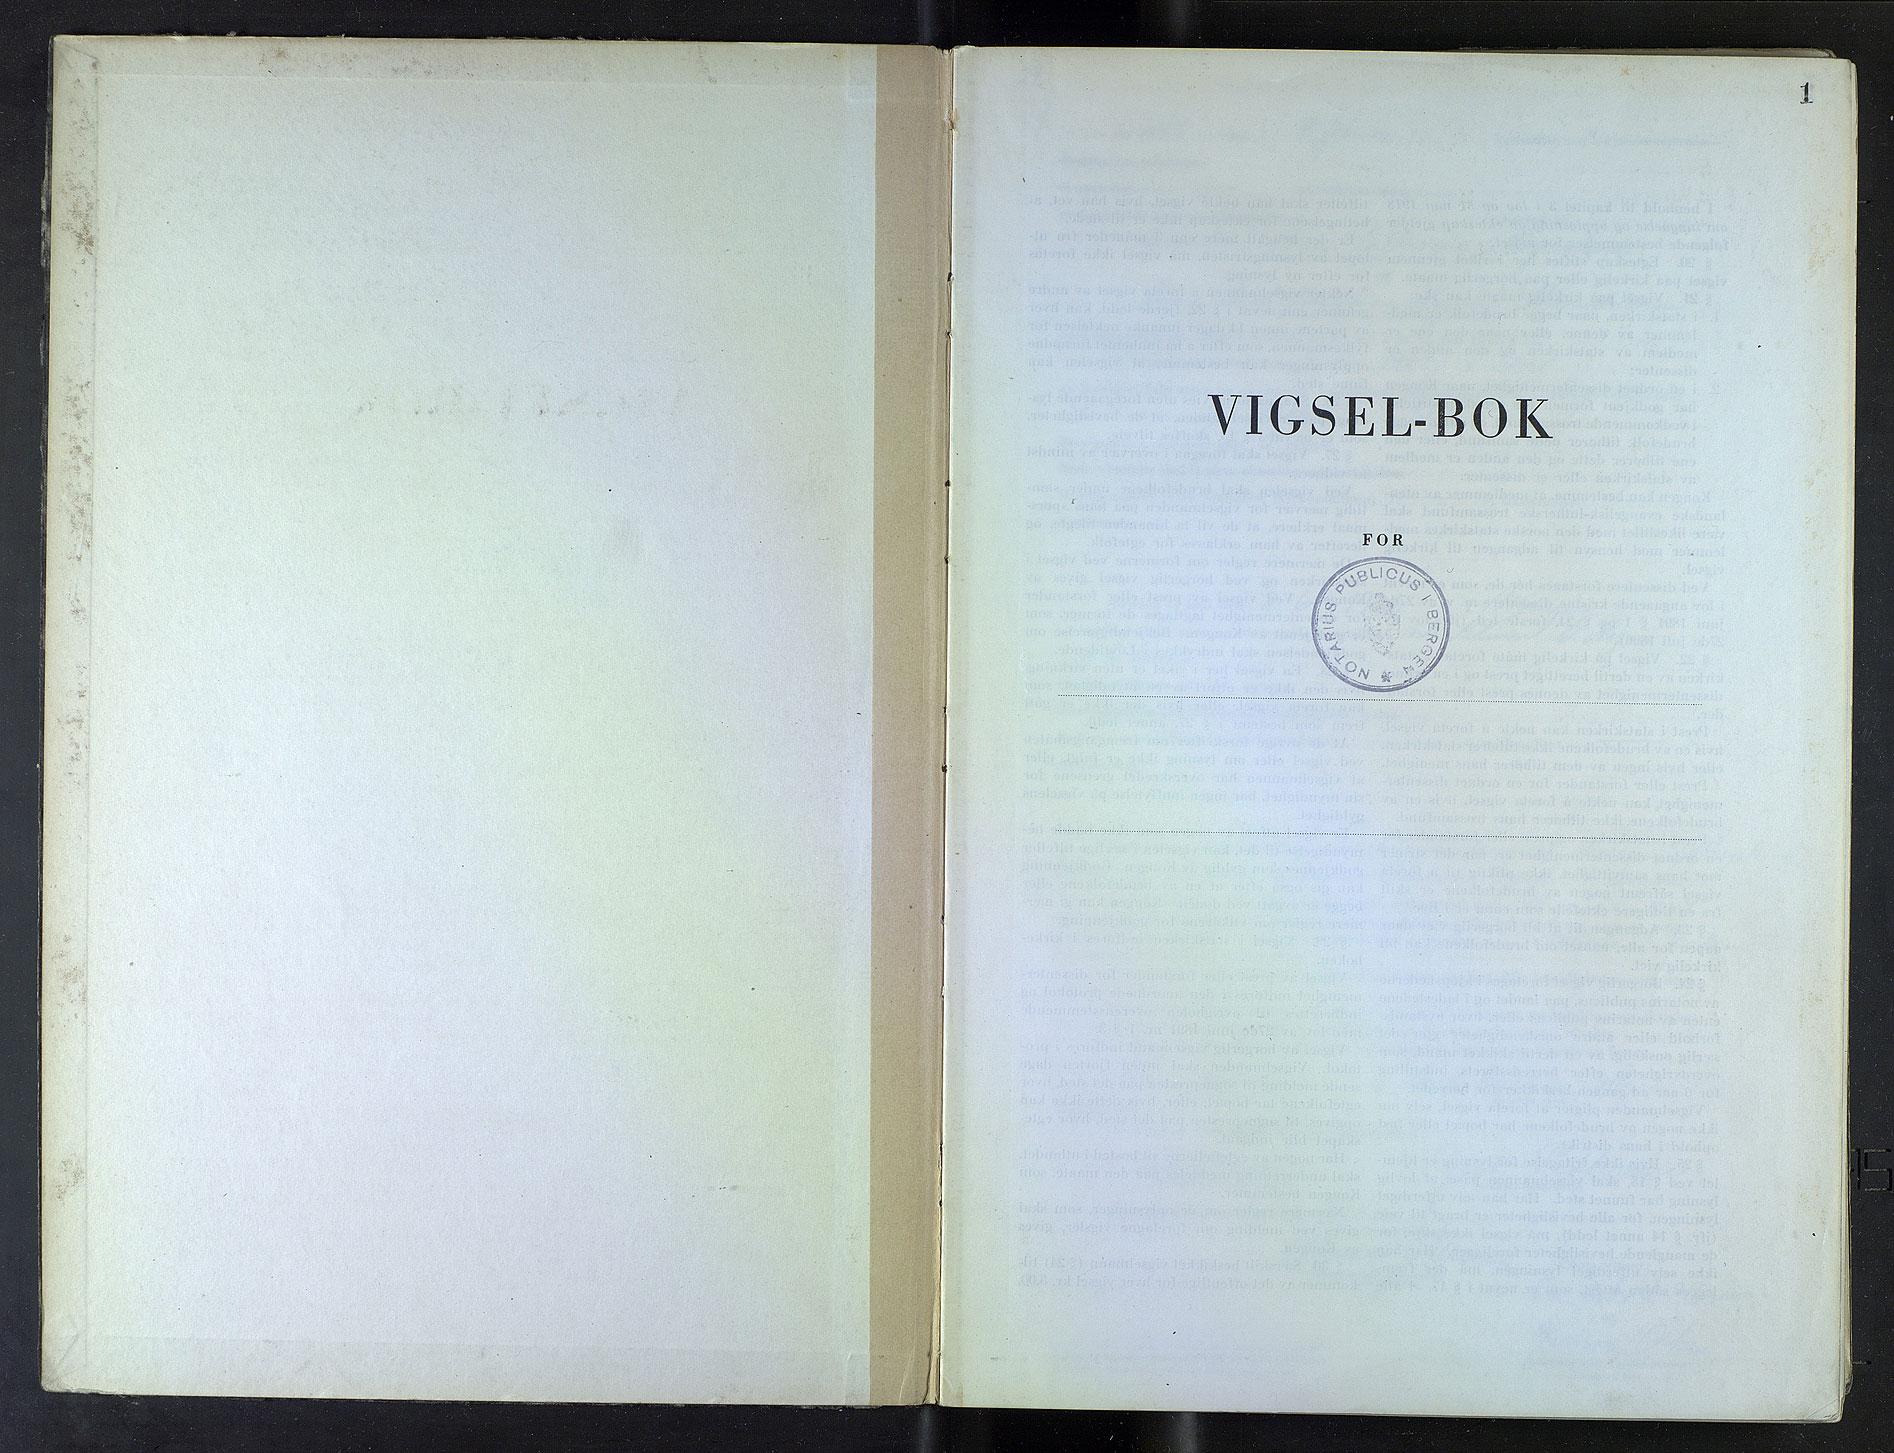 SAB, Bergen byfogd og byskriver*, 1947, s. 1